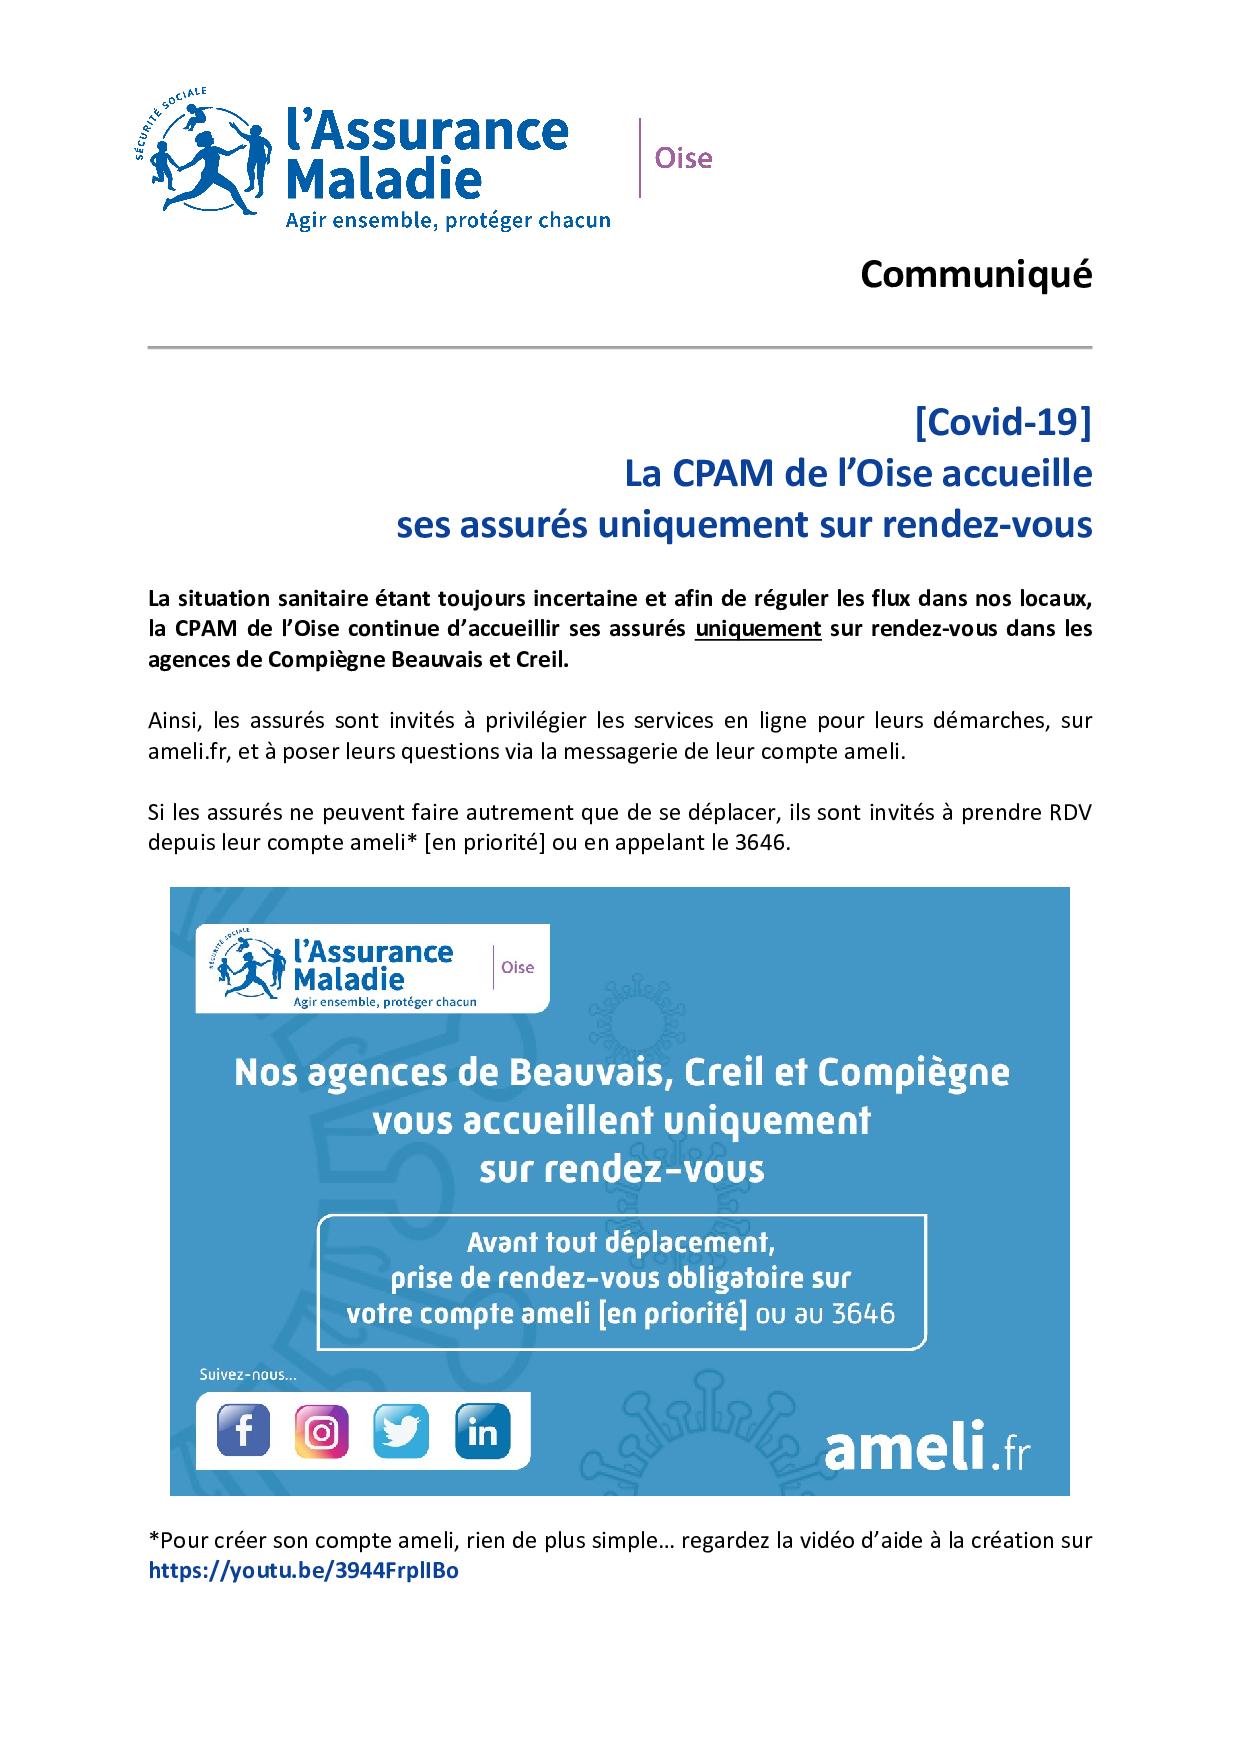 COMMUNIQUE CPAM.png